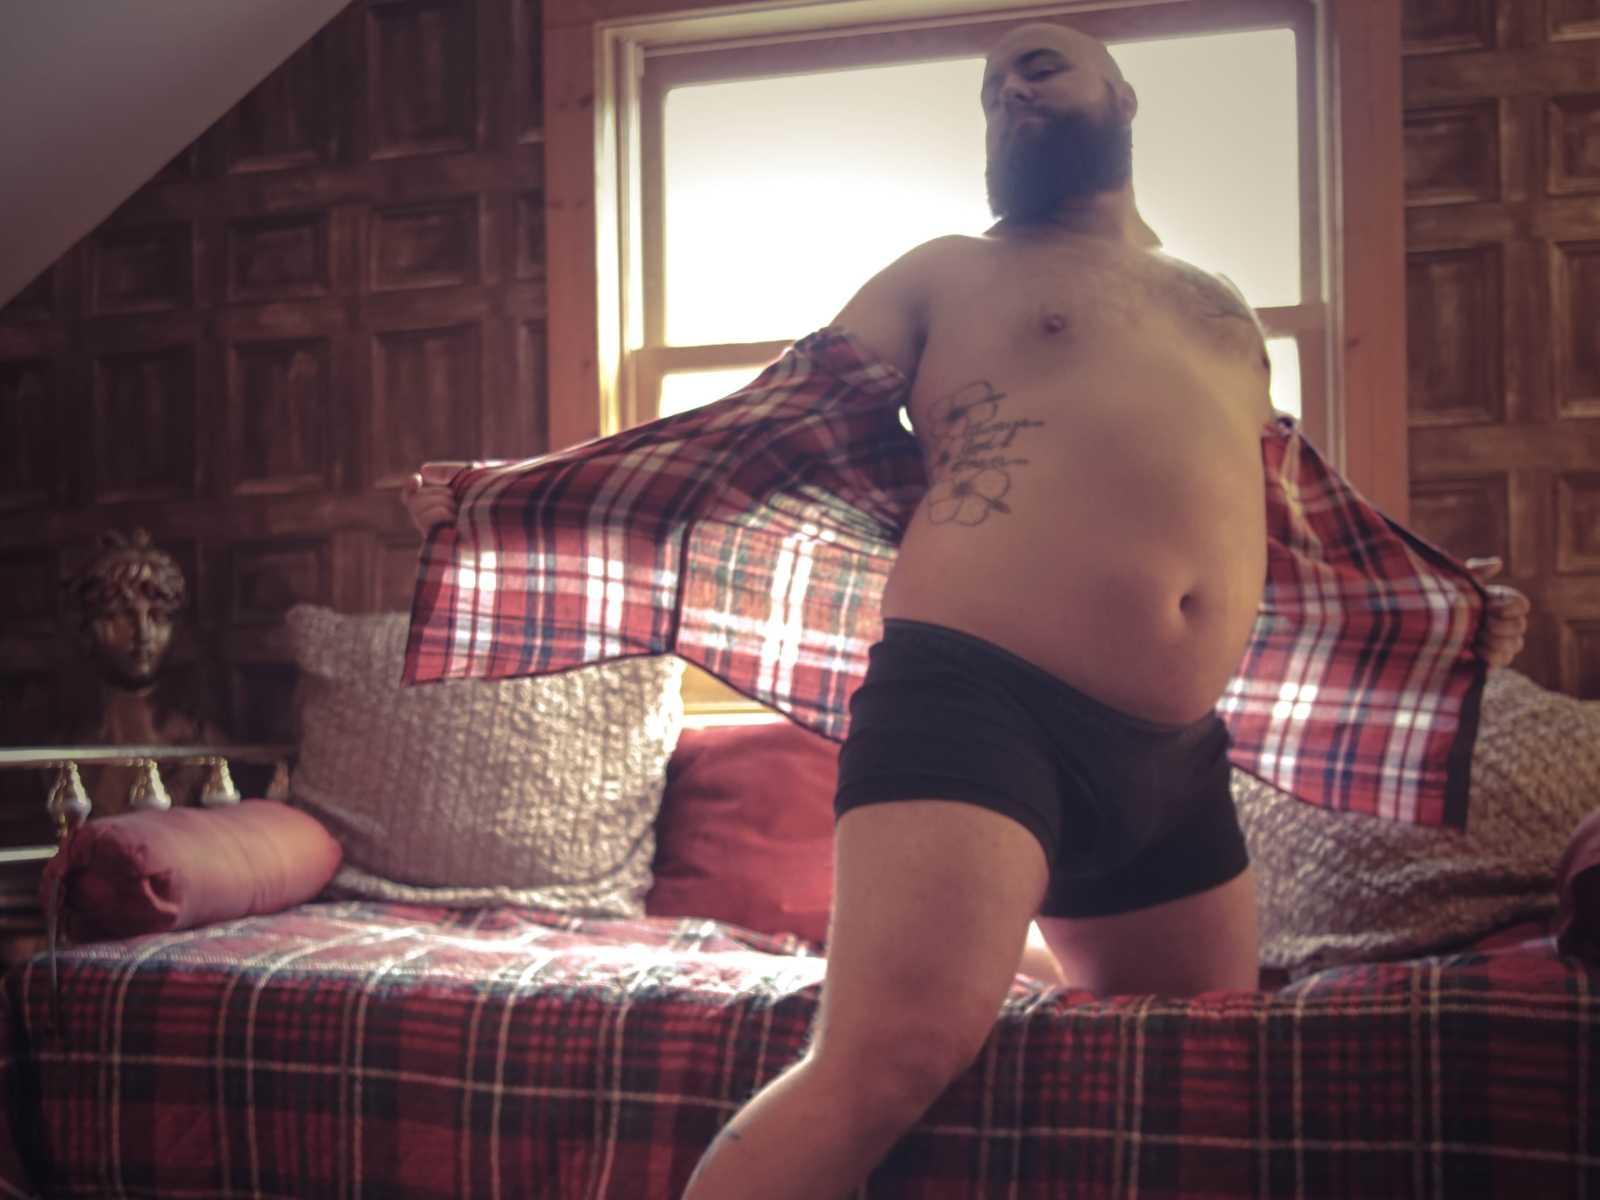 Marido faz ensaio fotográfico hilário para animar esposa que está com câncer 10